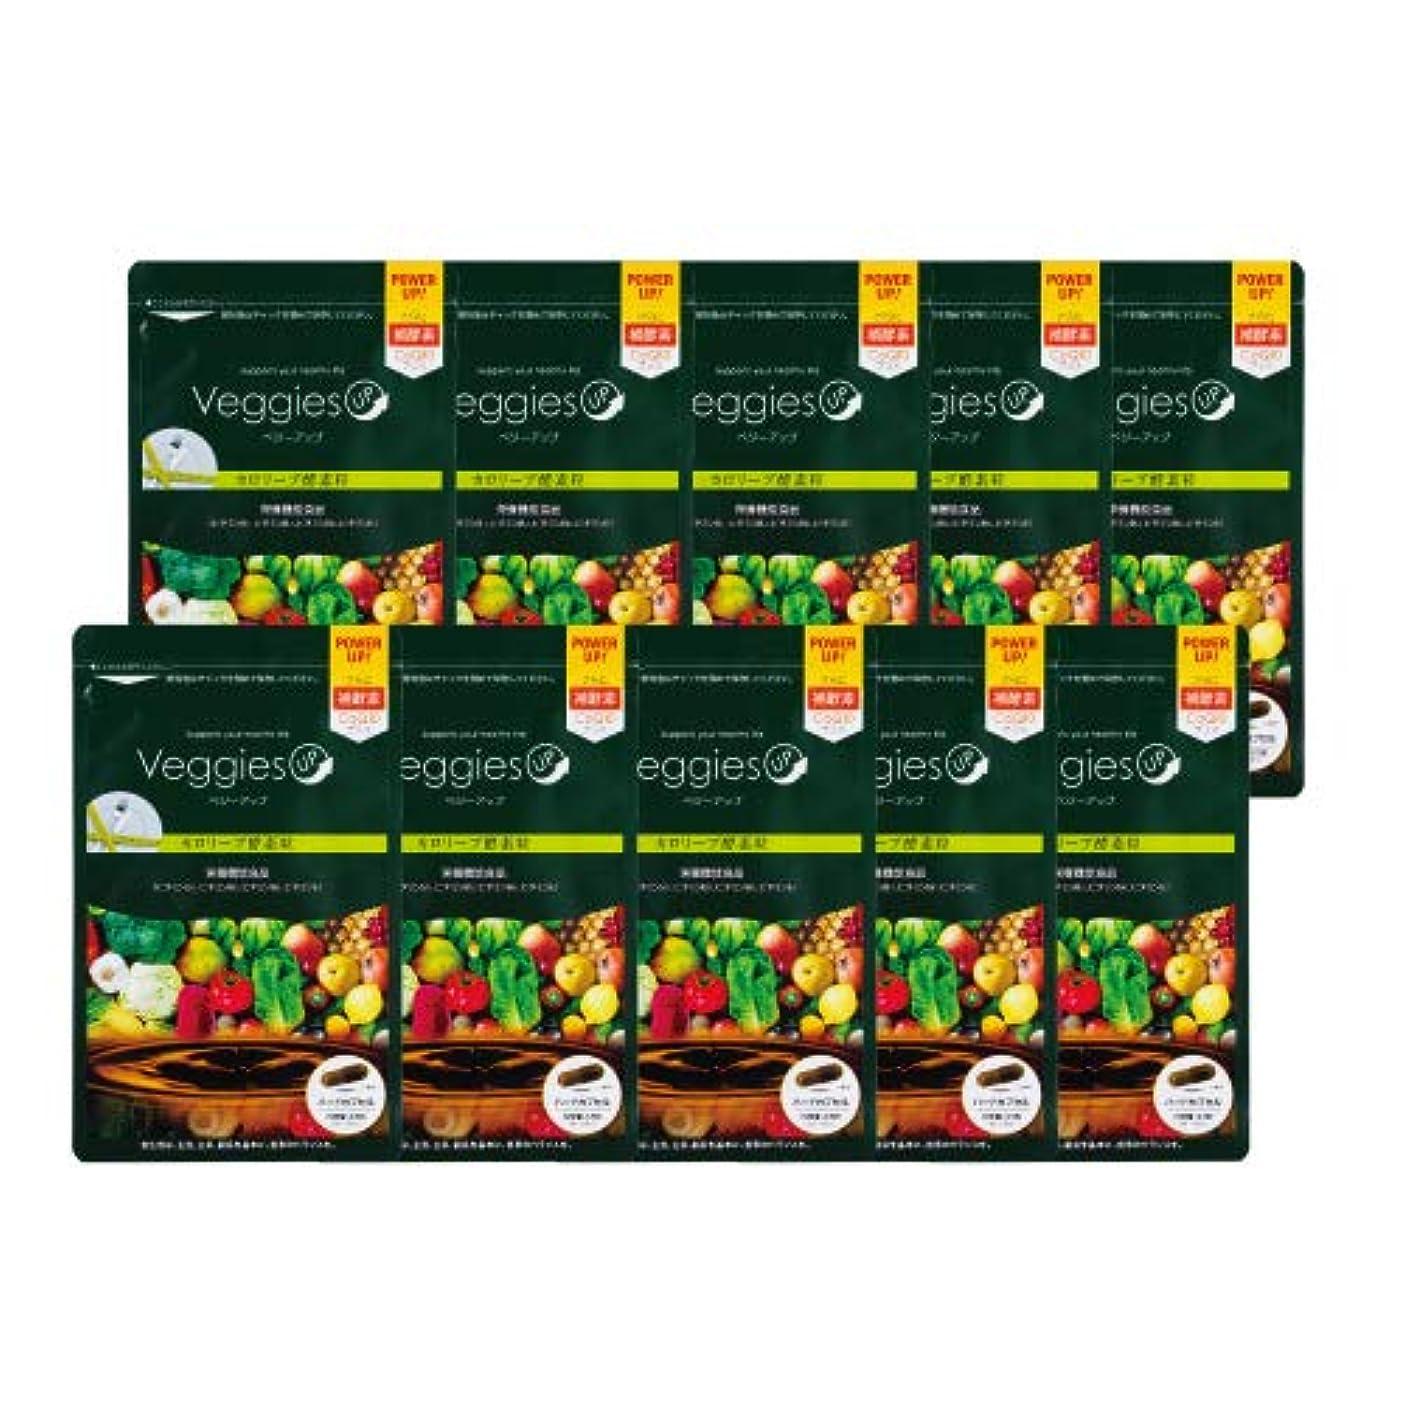 考えた困惑押すベジーアップ酵素粒カロリーブ 93粒 10袋セット ダイエット 酵素サプリ 酵素ダイエット サラシア コエンザイムQ10 竹炭